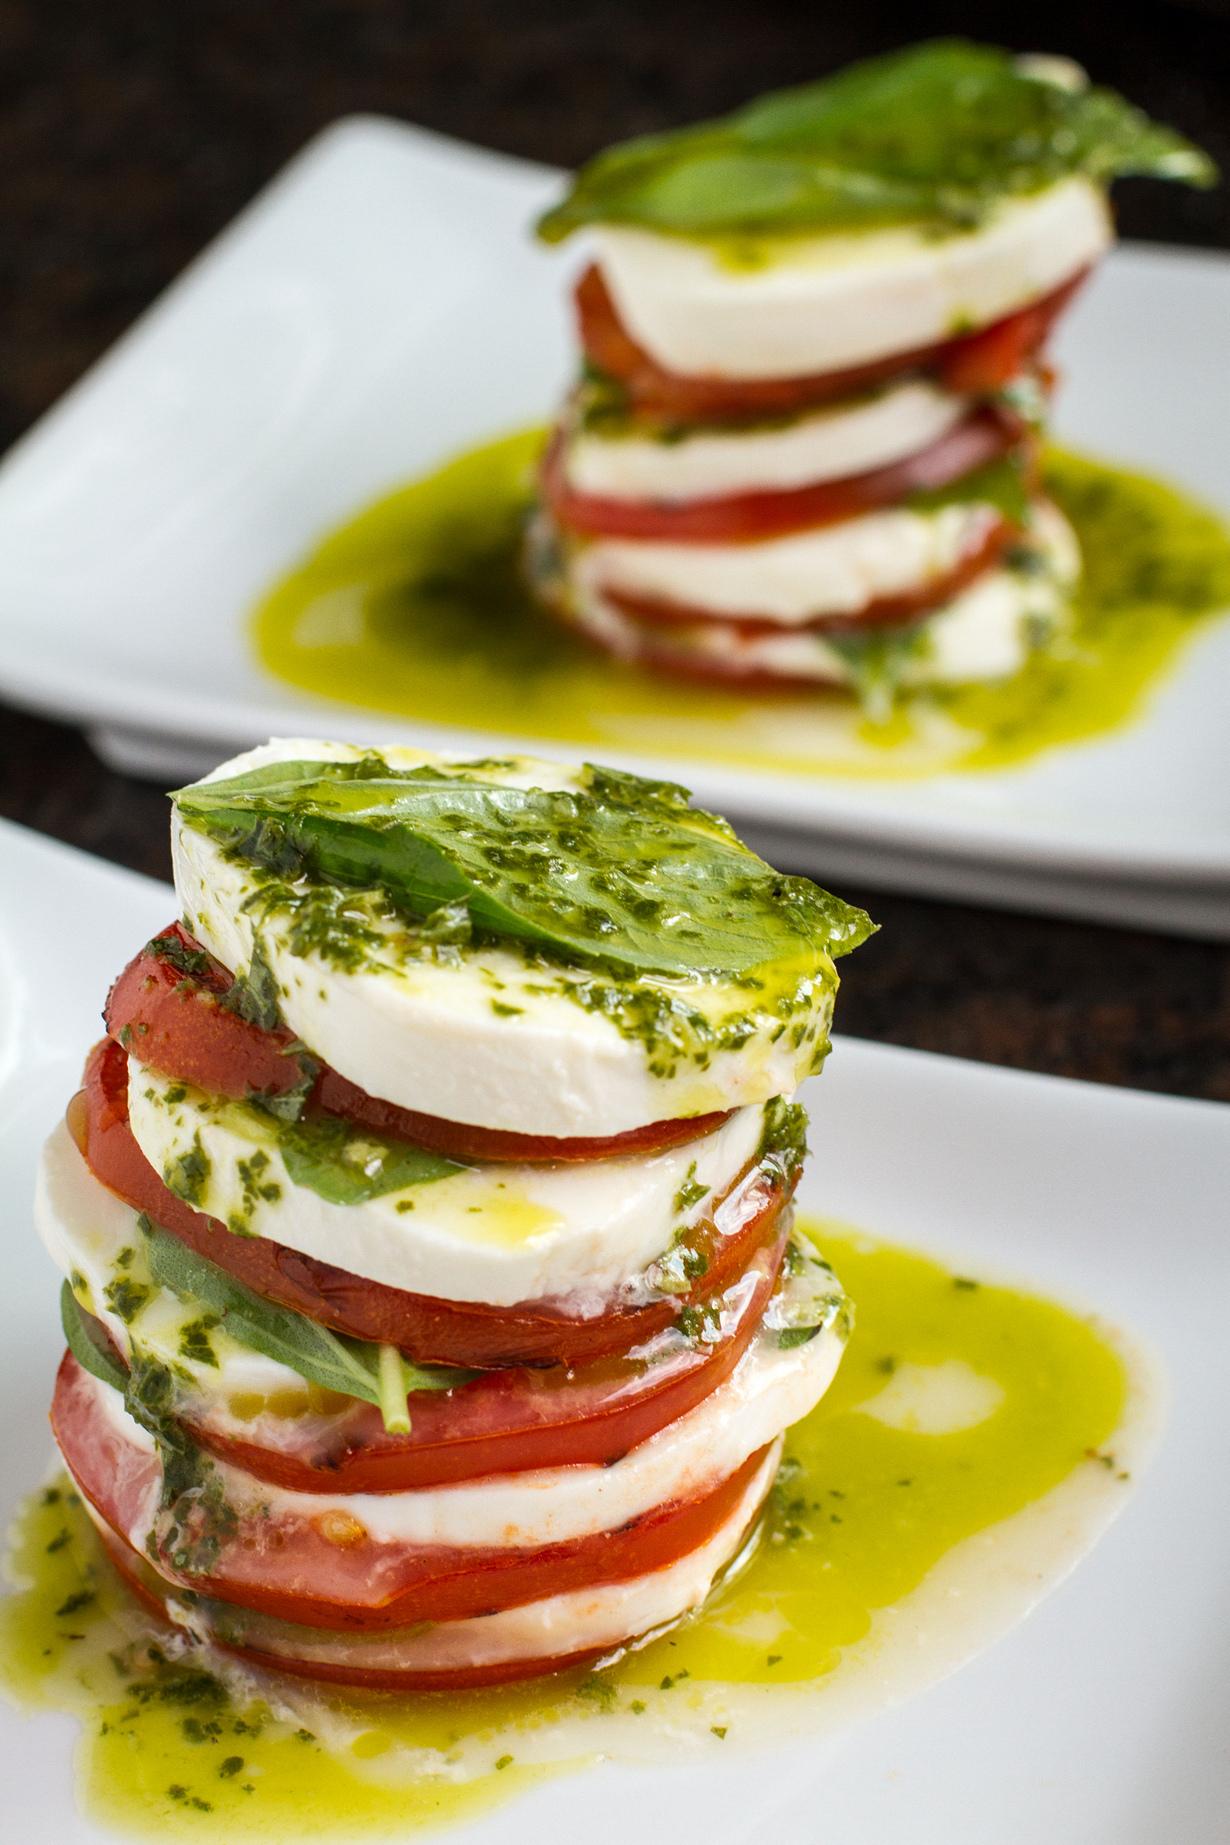 Капрезе — салат на основе томатов, сыра моццарелла, оливкового масла и свежих листьев базилика. Подаётся в виде закуски. (Mike)